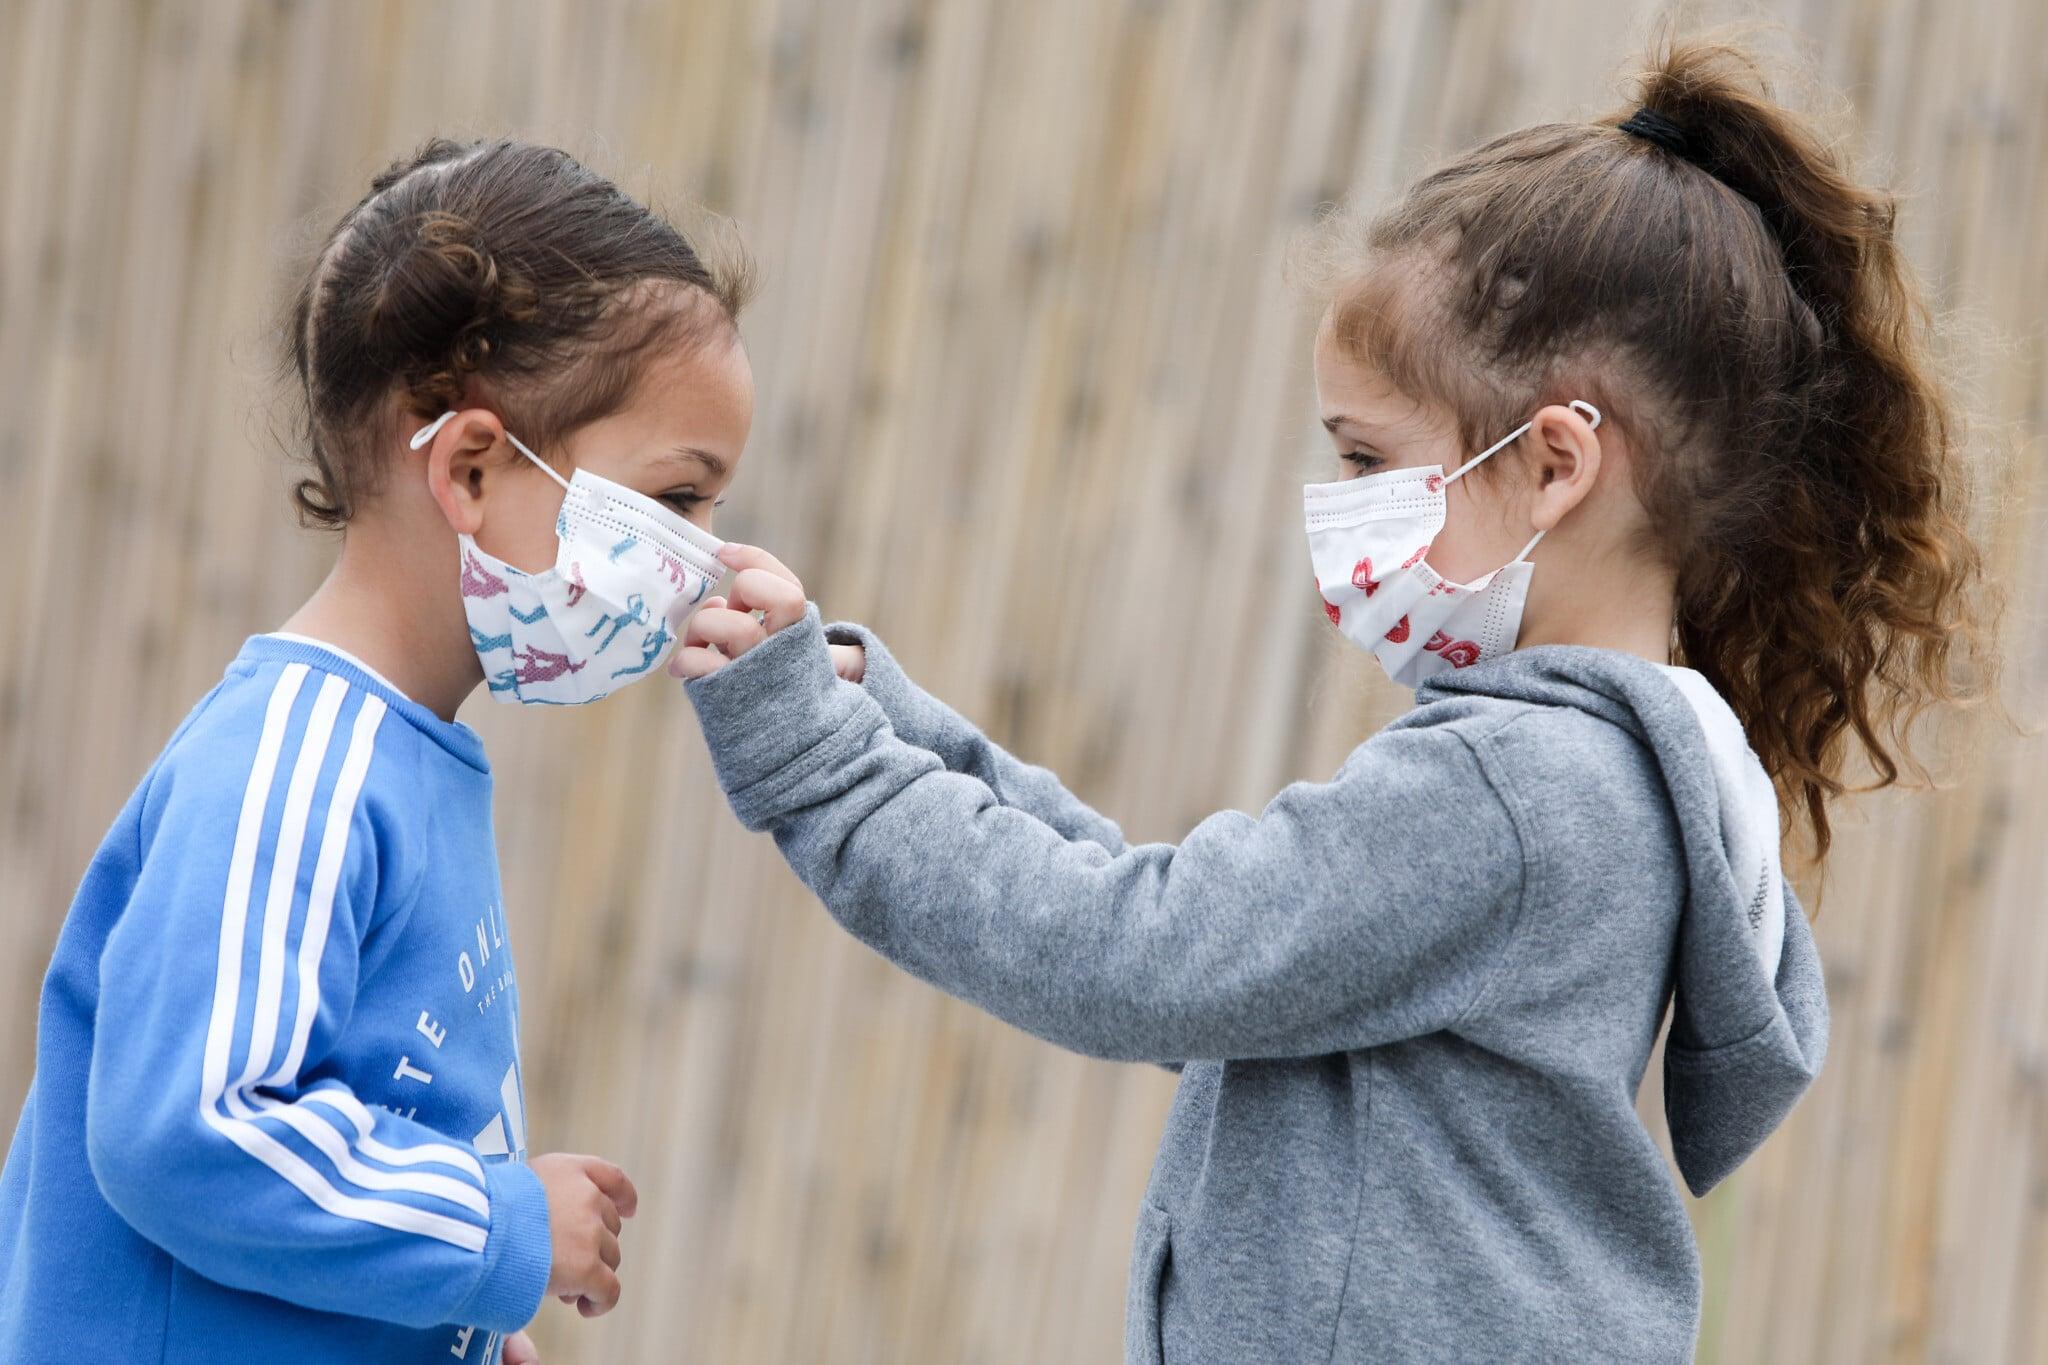 Costringere i fanciulli sopra i 6 anni ad indossare la mascherina in classe è una tortura.<br> E potrebbe rivelarsi dannoso